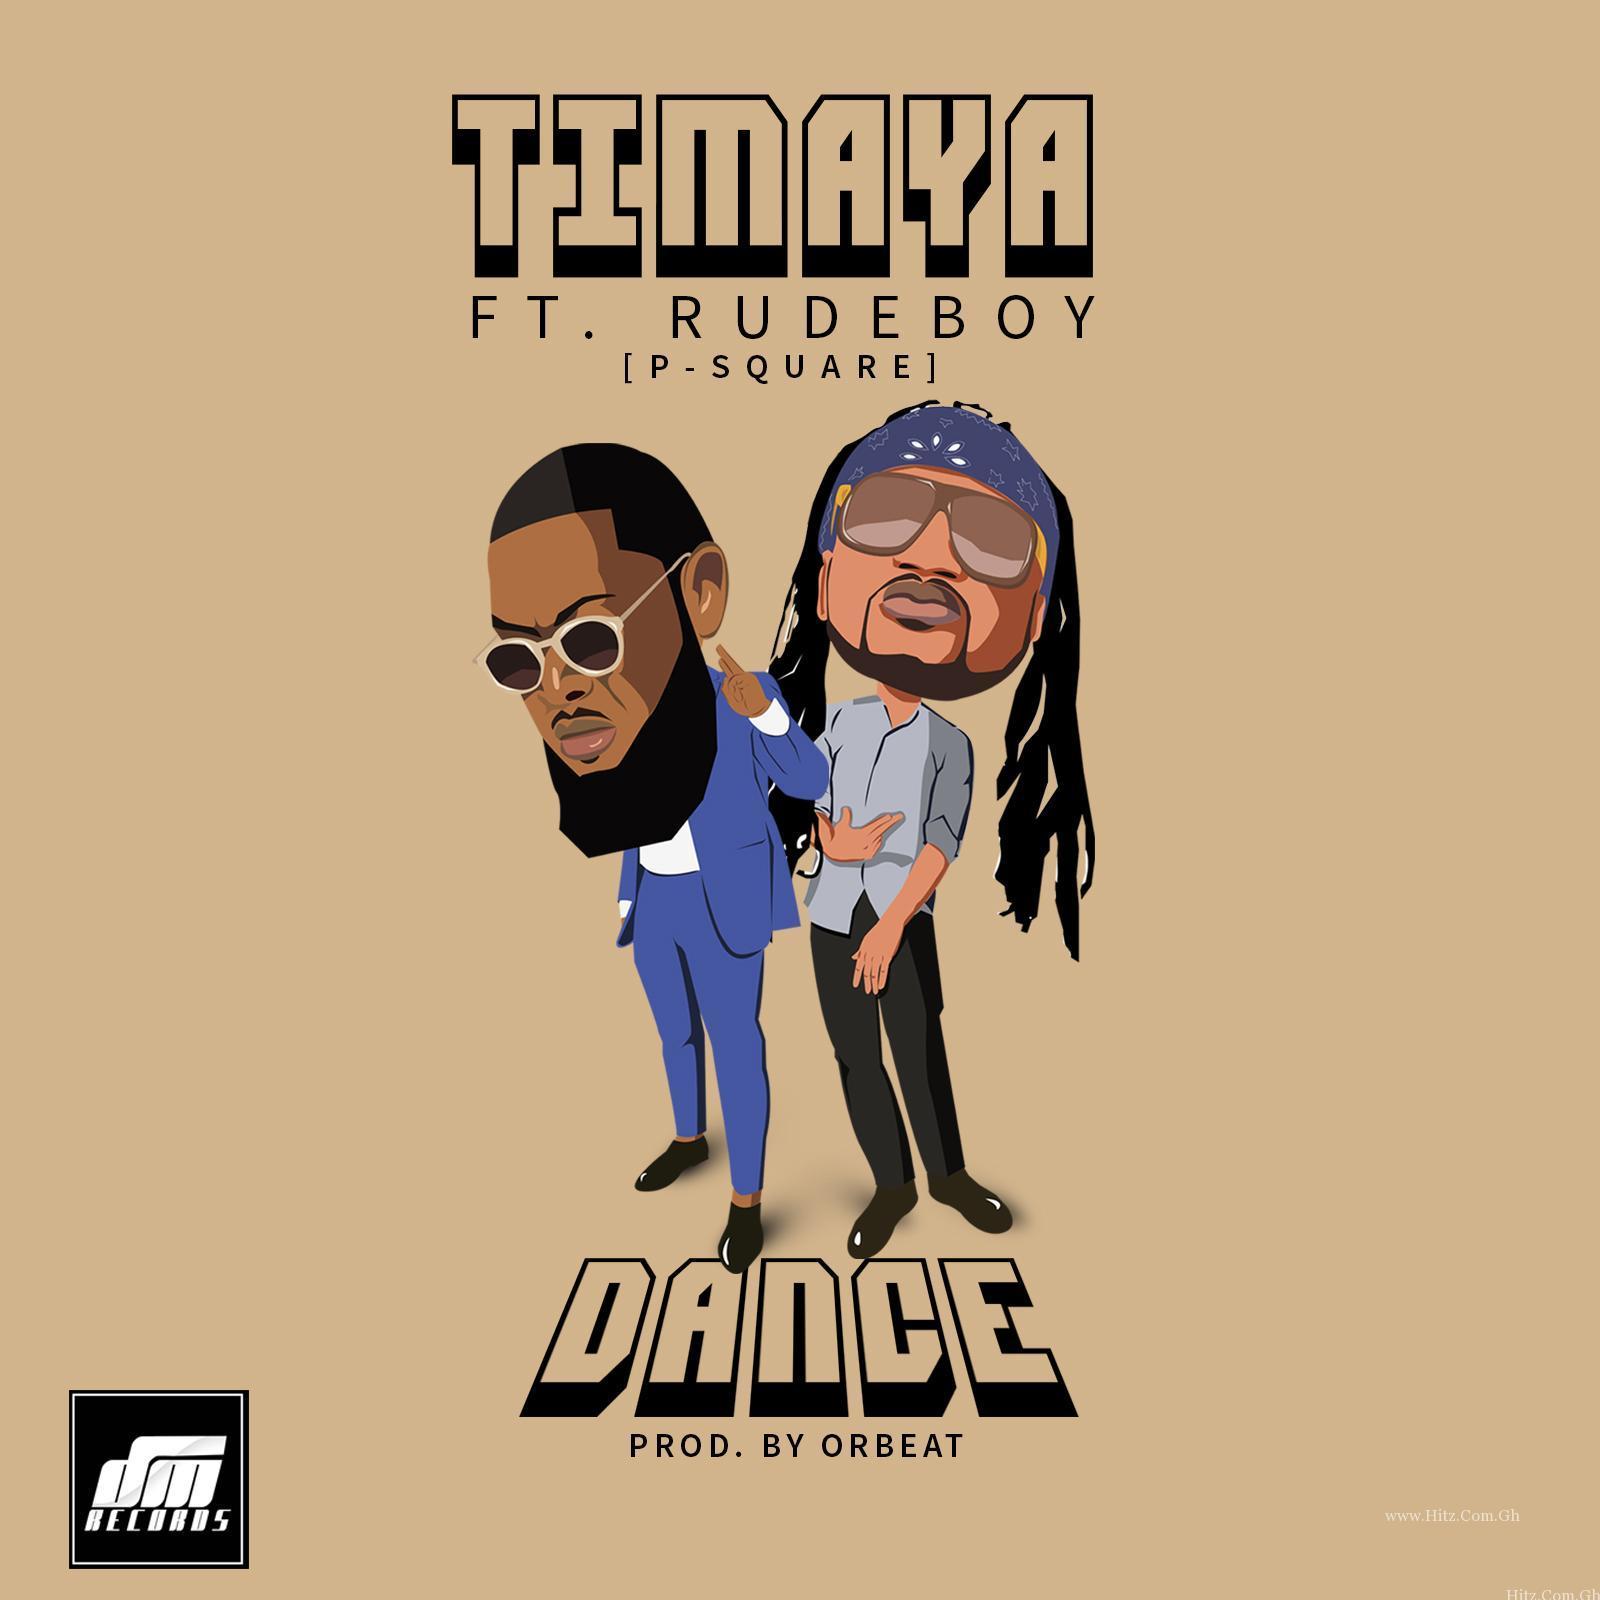 Timaya ft